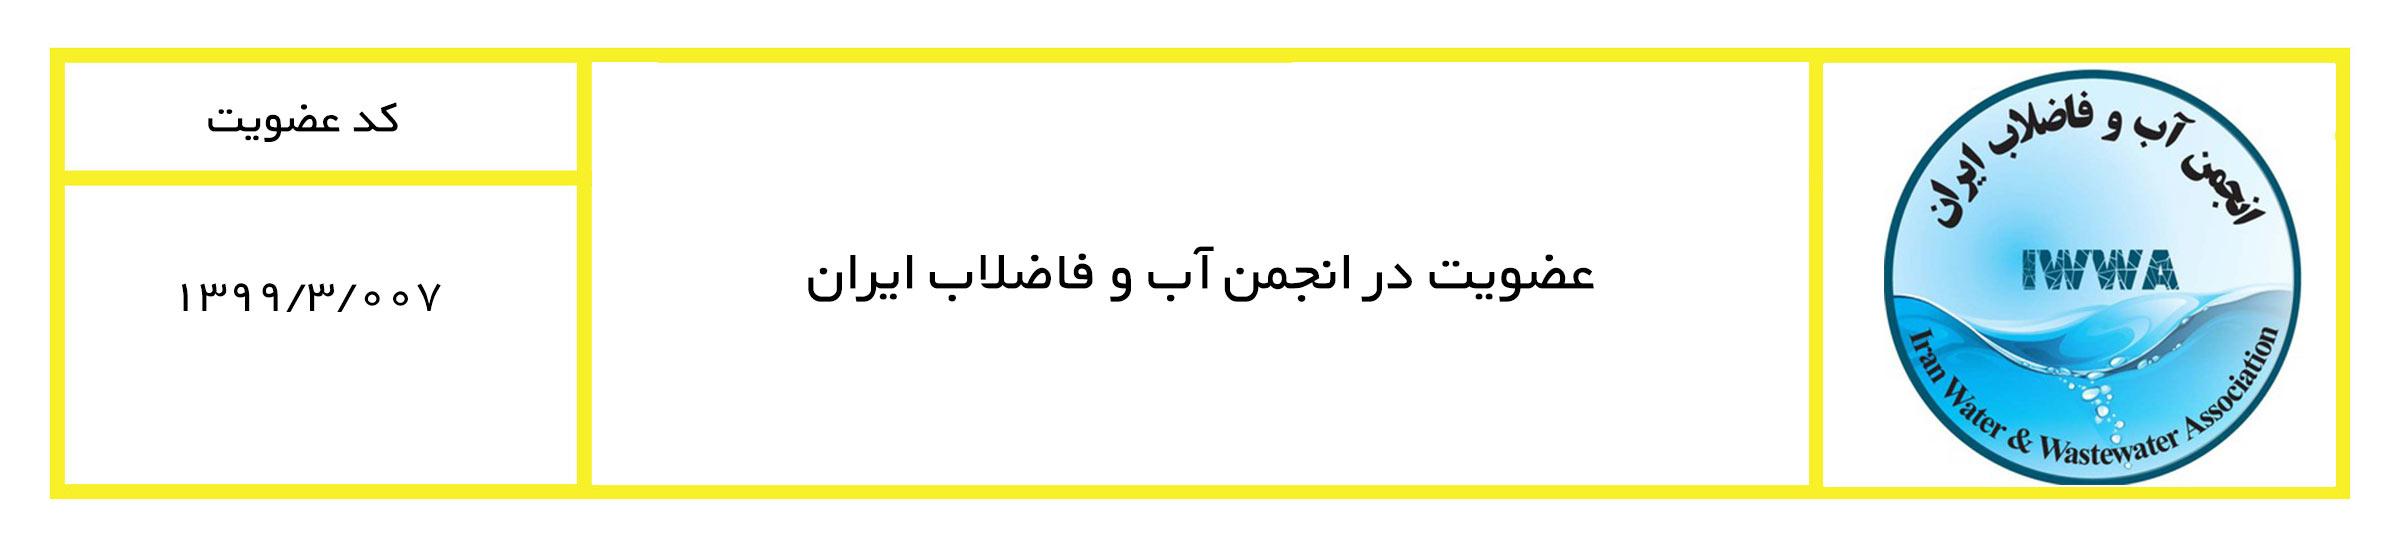 انجمن آب و فاضلاب ایران